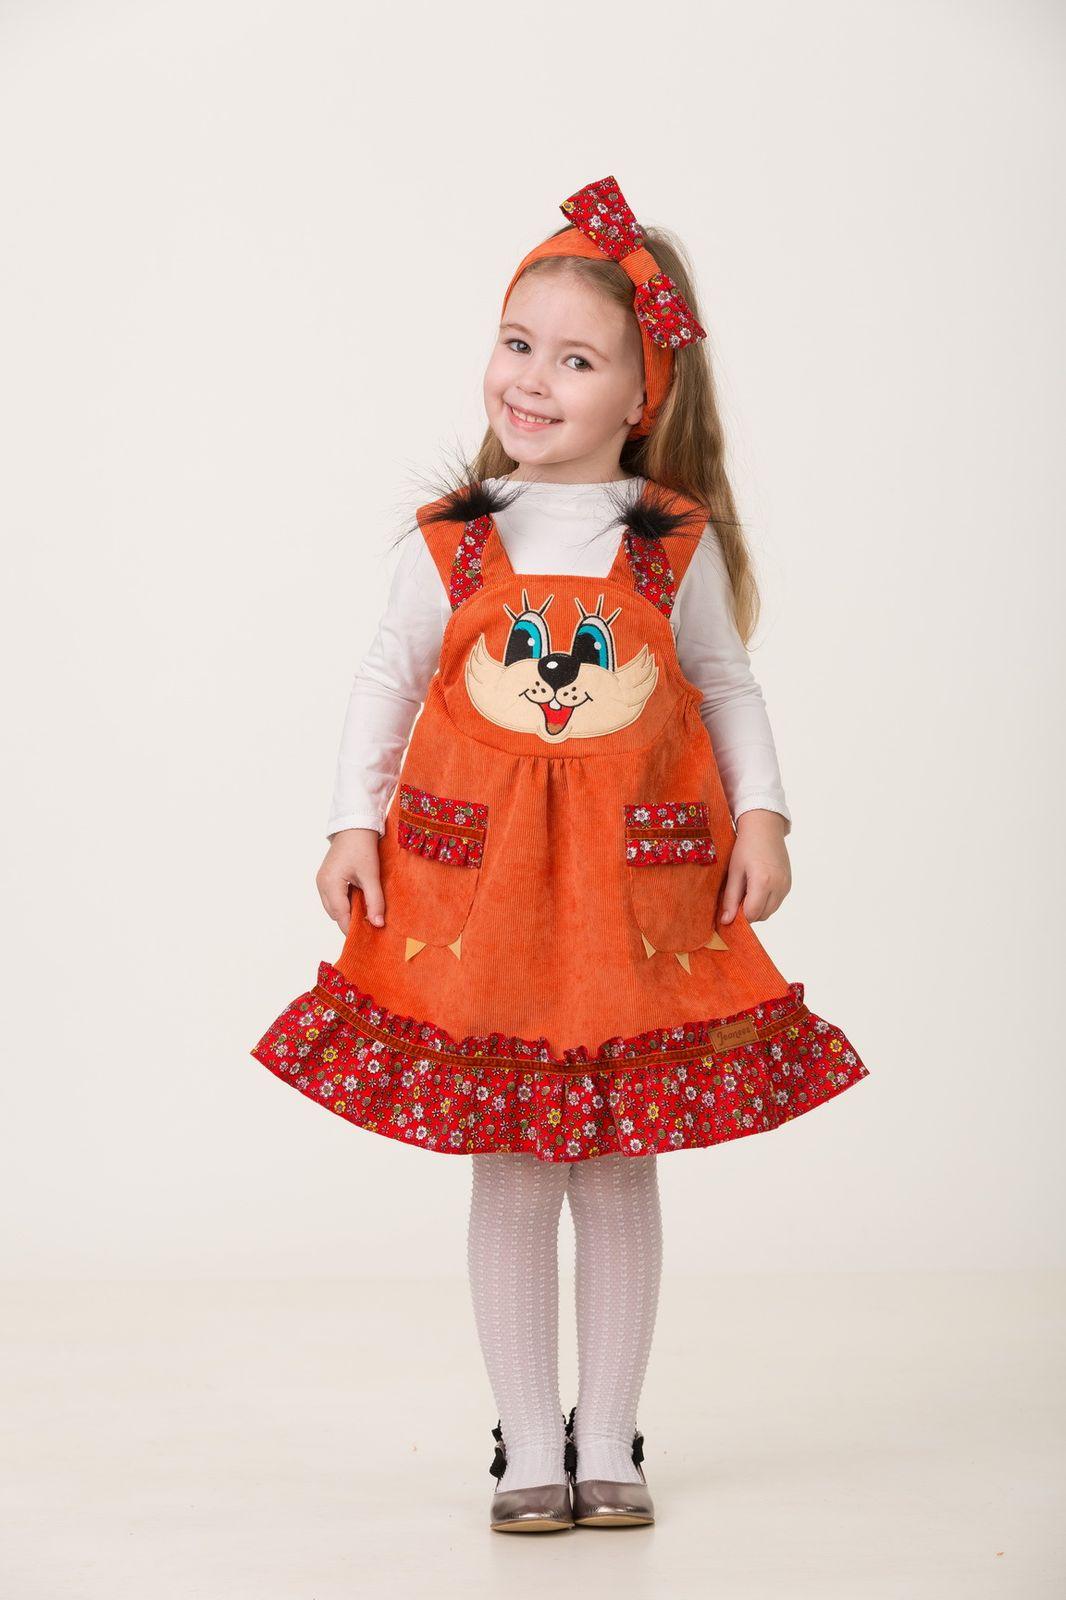 Карнавальный костюм Jeanees Белочка Венди, цвет: оранжевый. Размер: 28 карнавальный костюм jeanees медвежонок топтыжкин цвет коричневый размер 28